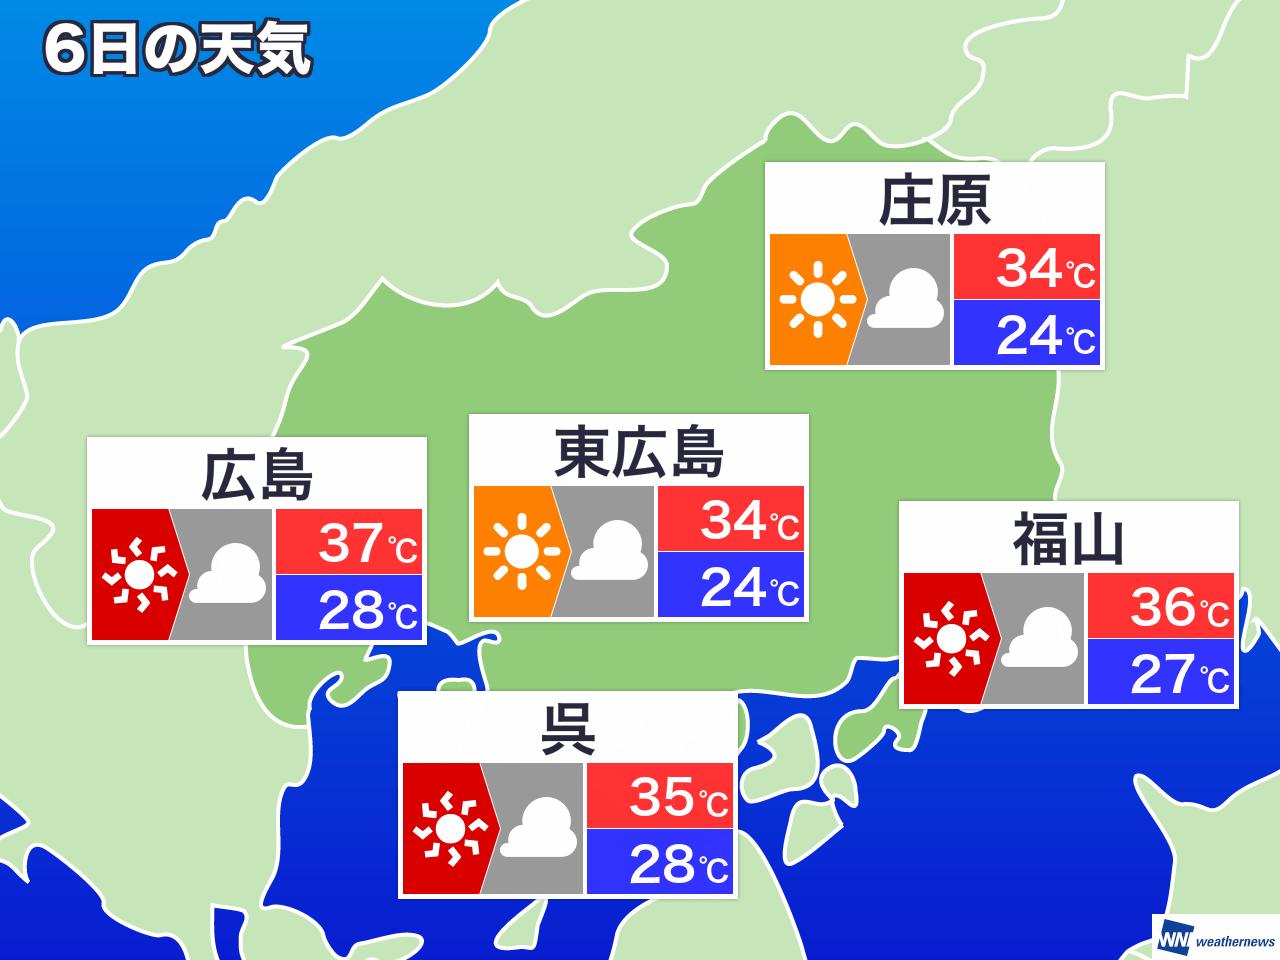 明日 の 広島 の 天気 は